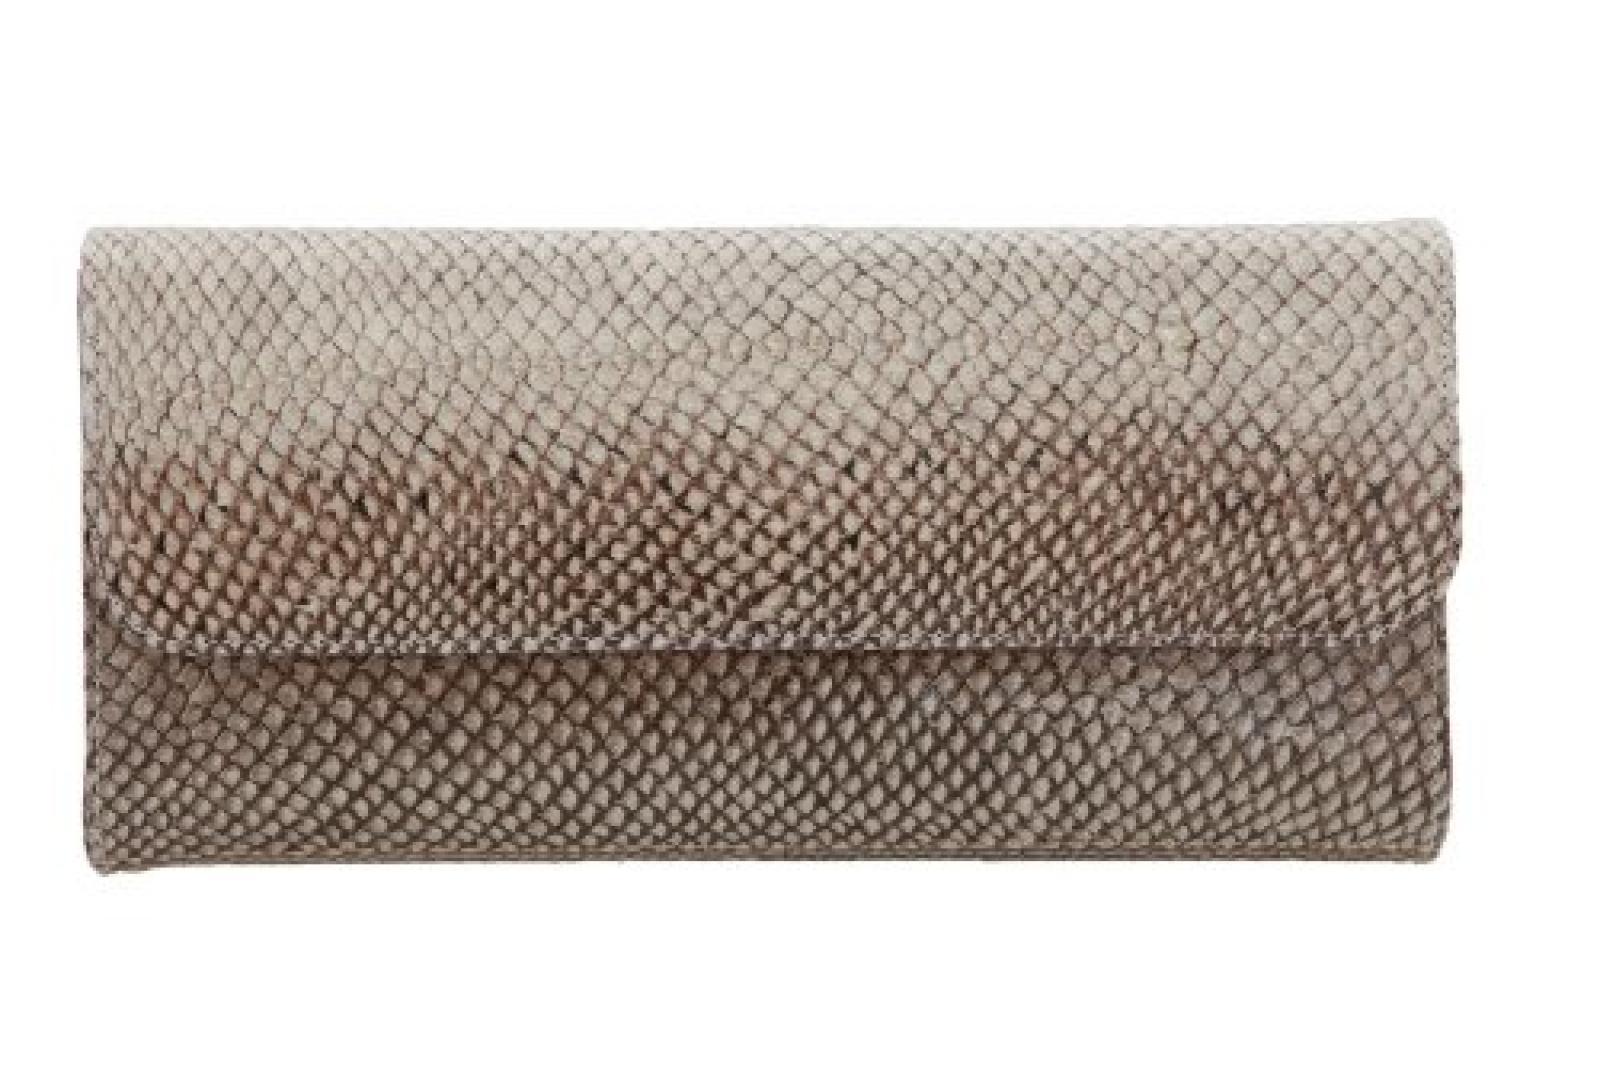 Londine Abendtasche + Clutch Mayreau mit Magnetverschluß und Schulterkette, aus Lachsleder, Größe (BxHxT): 25cm x 12cm x 4cm